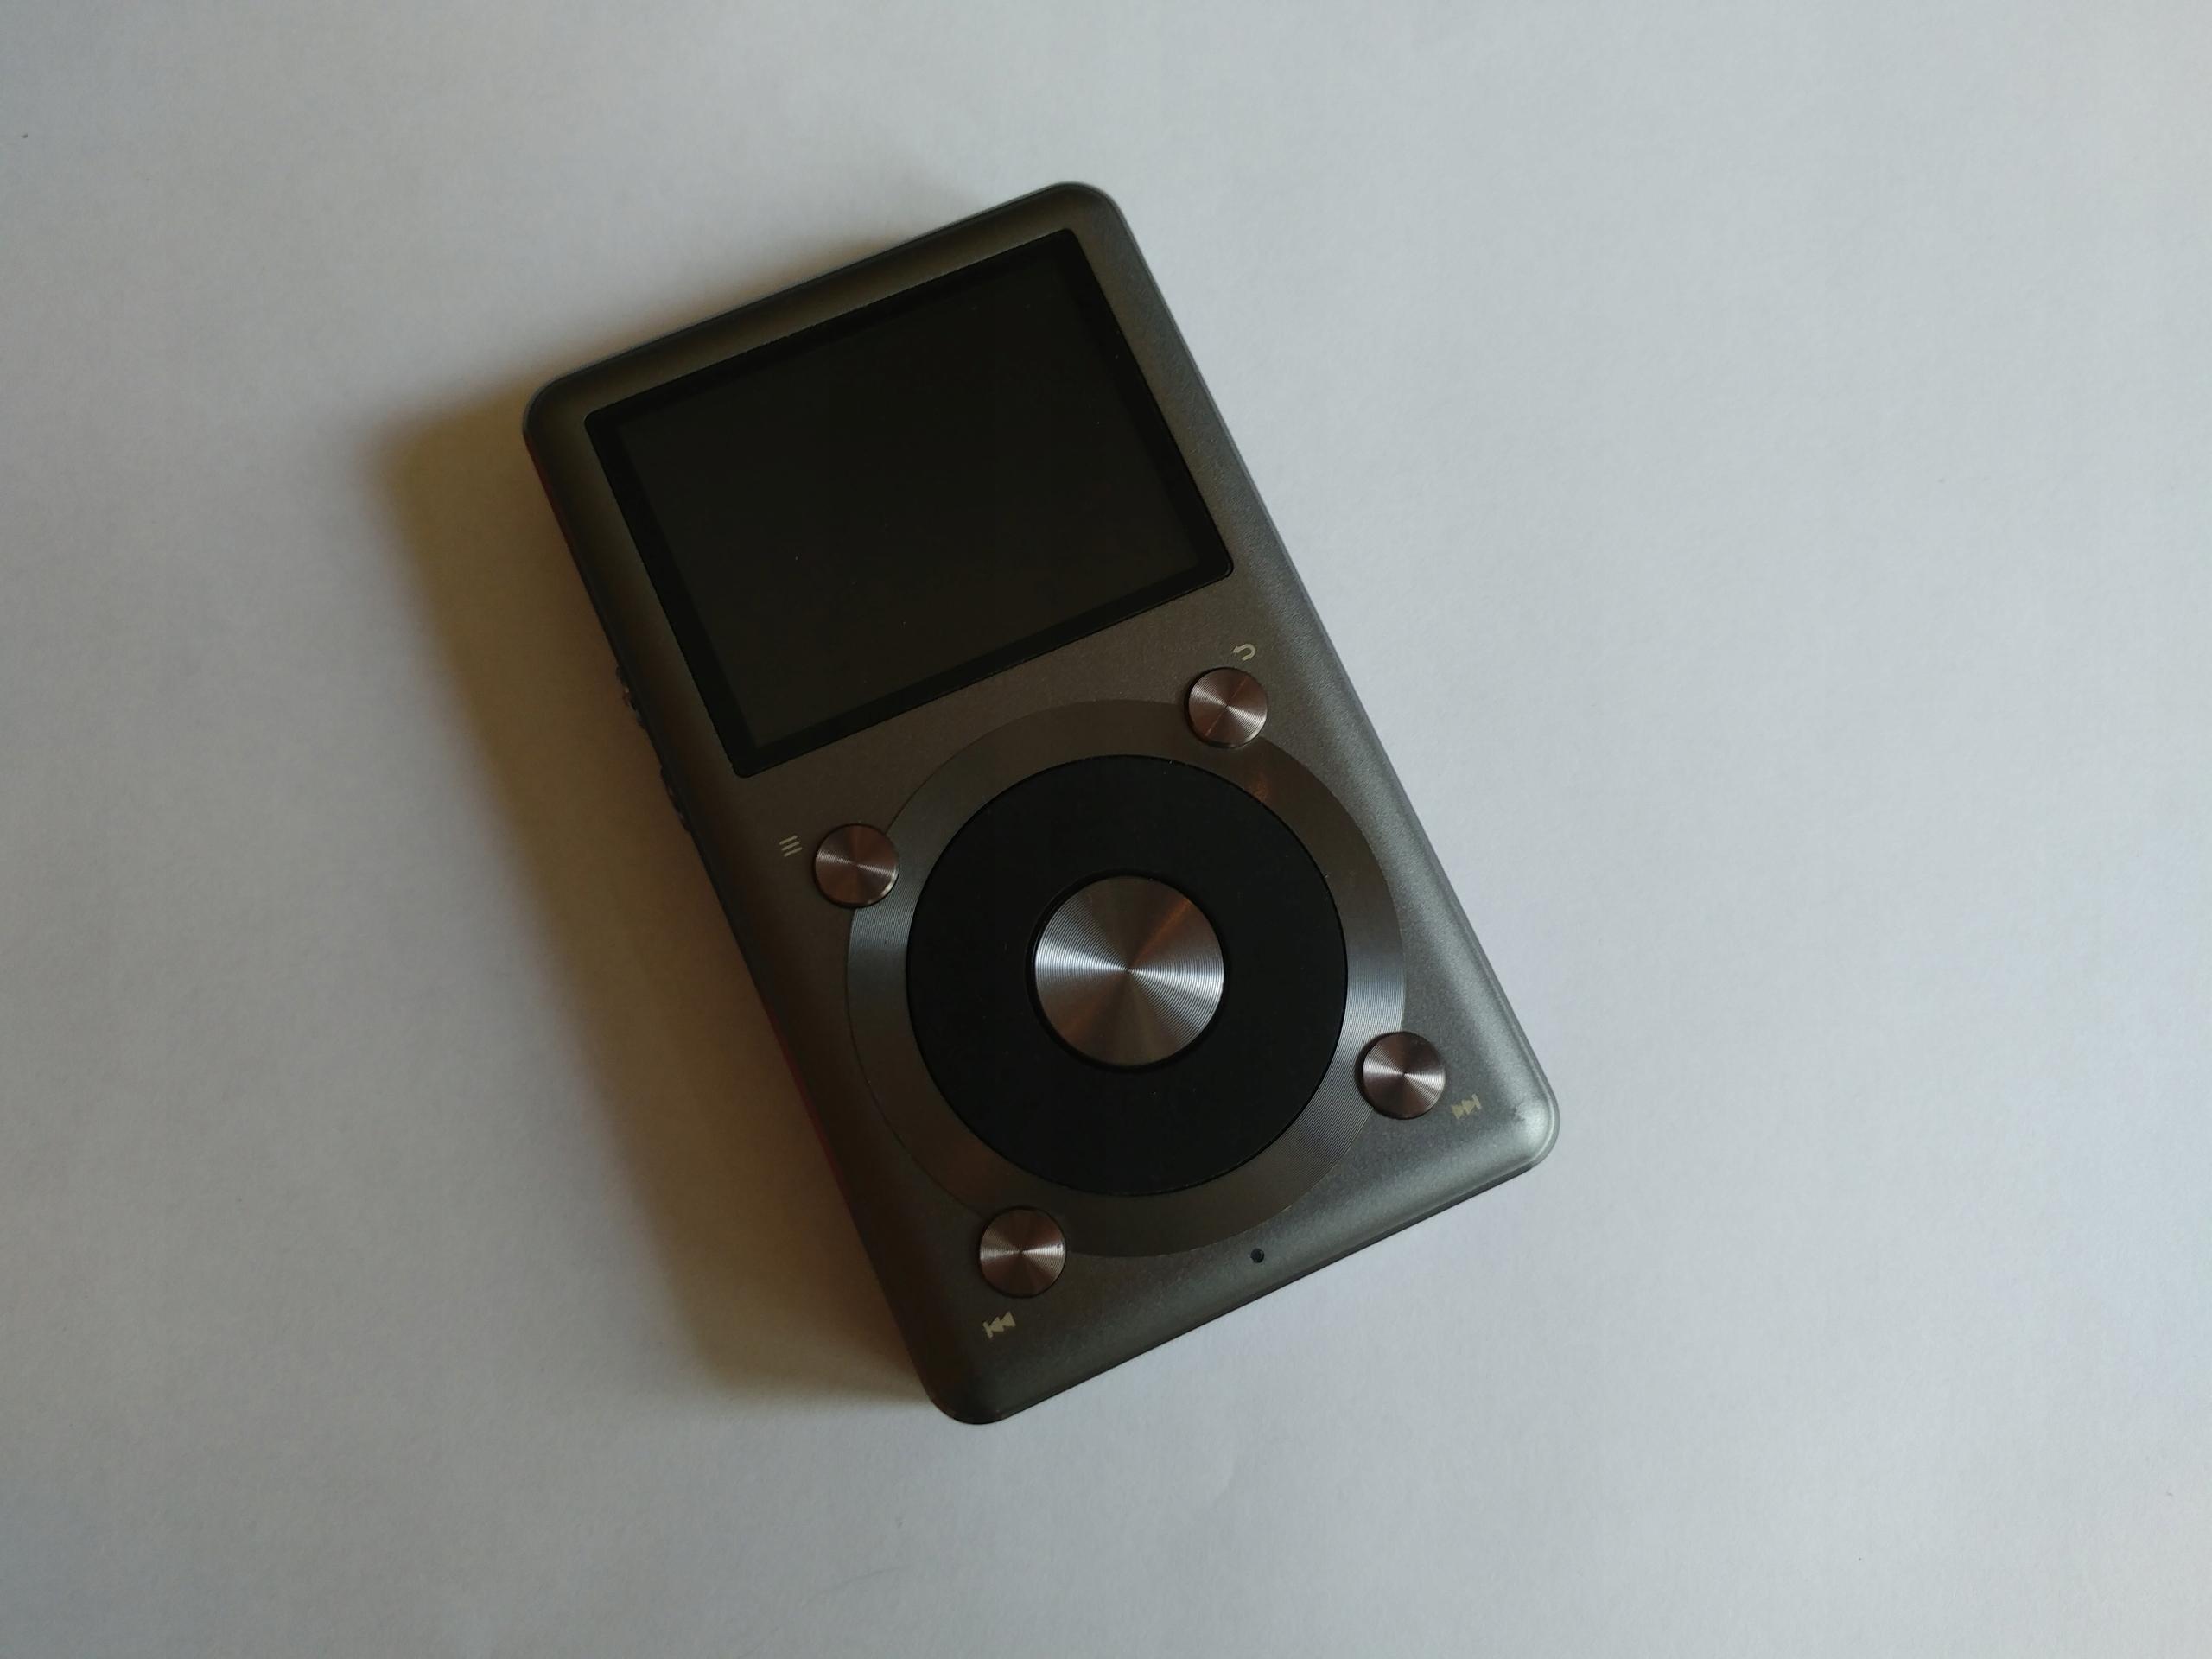 Fiio X3 II - w pełni sprawny + karta SD 64 GB